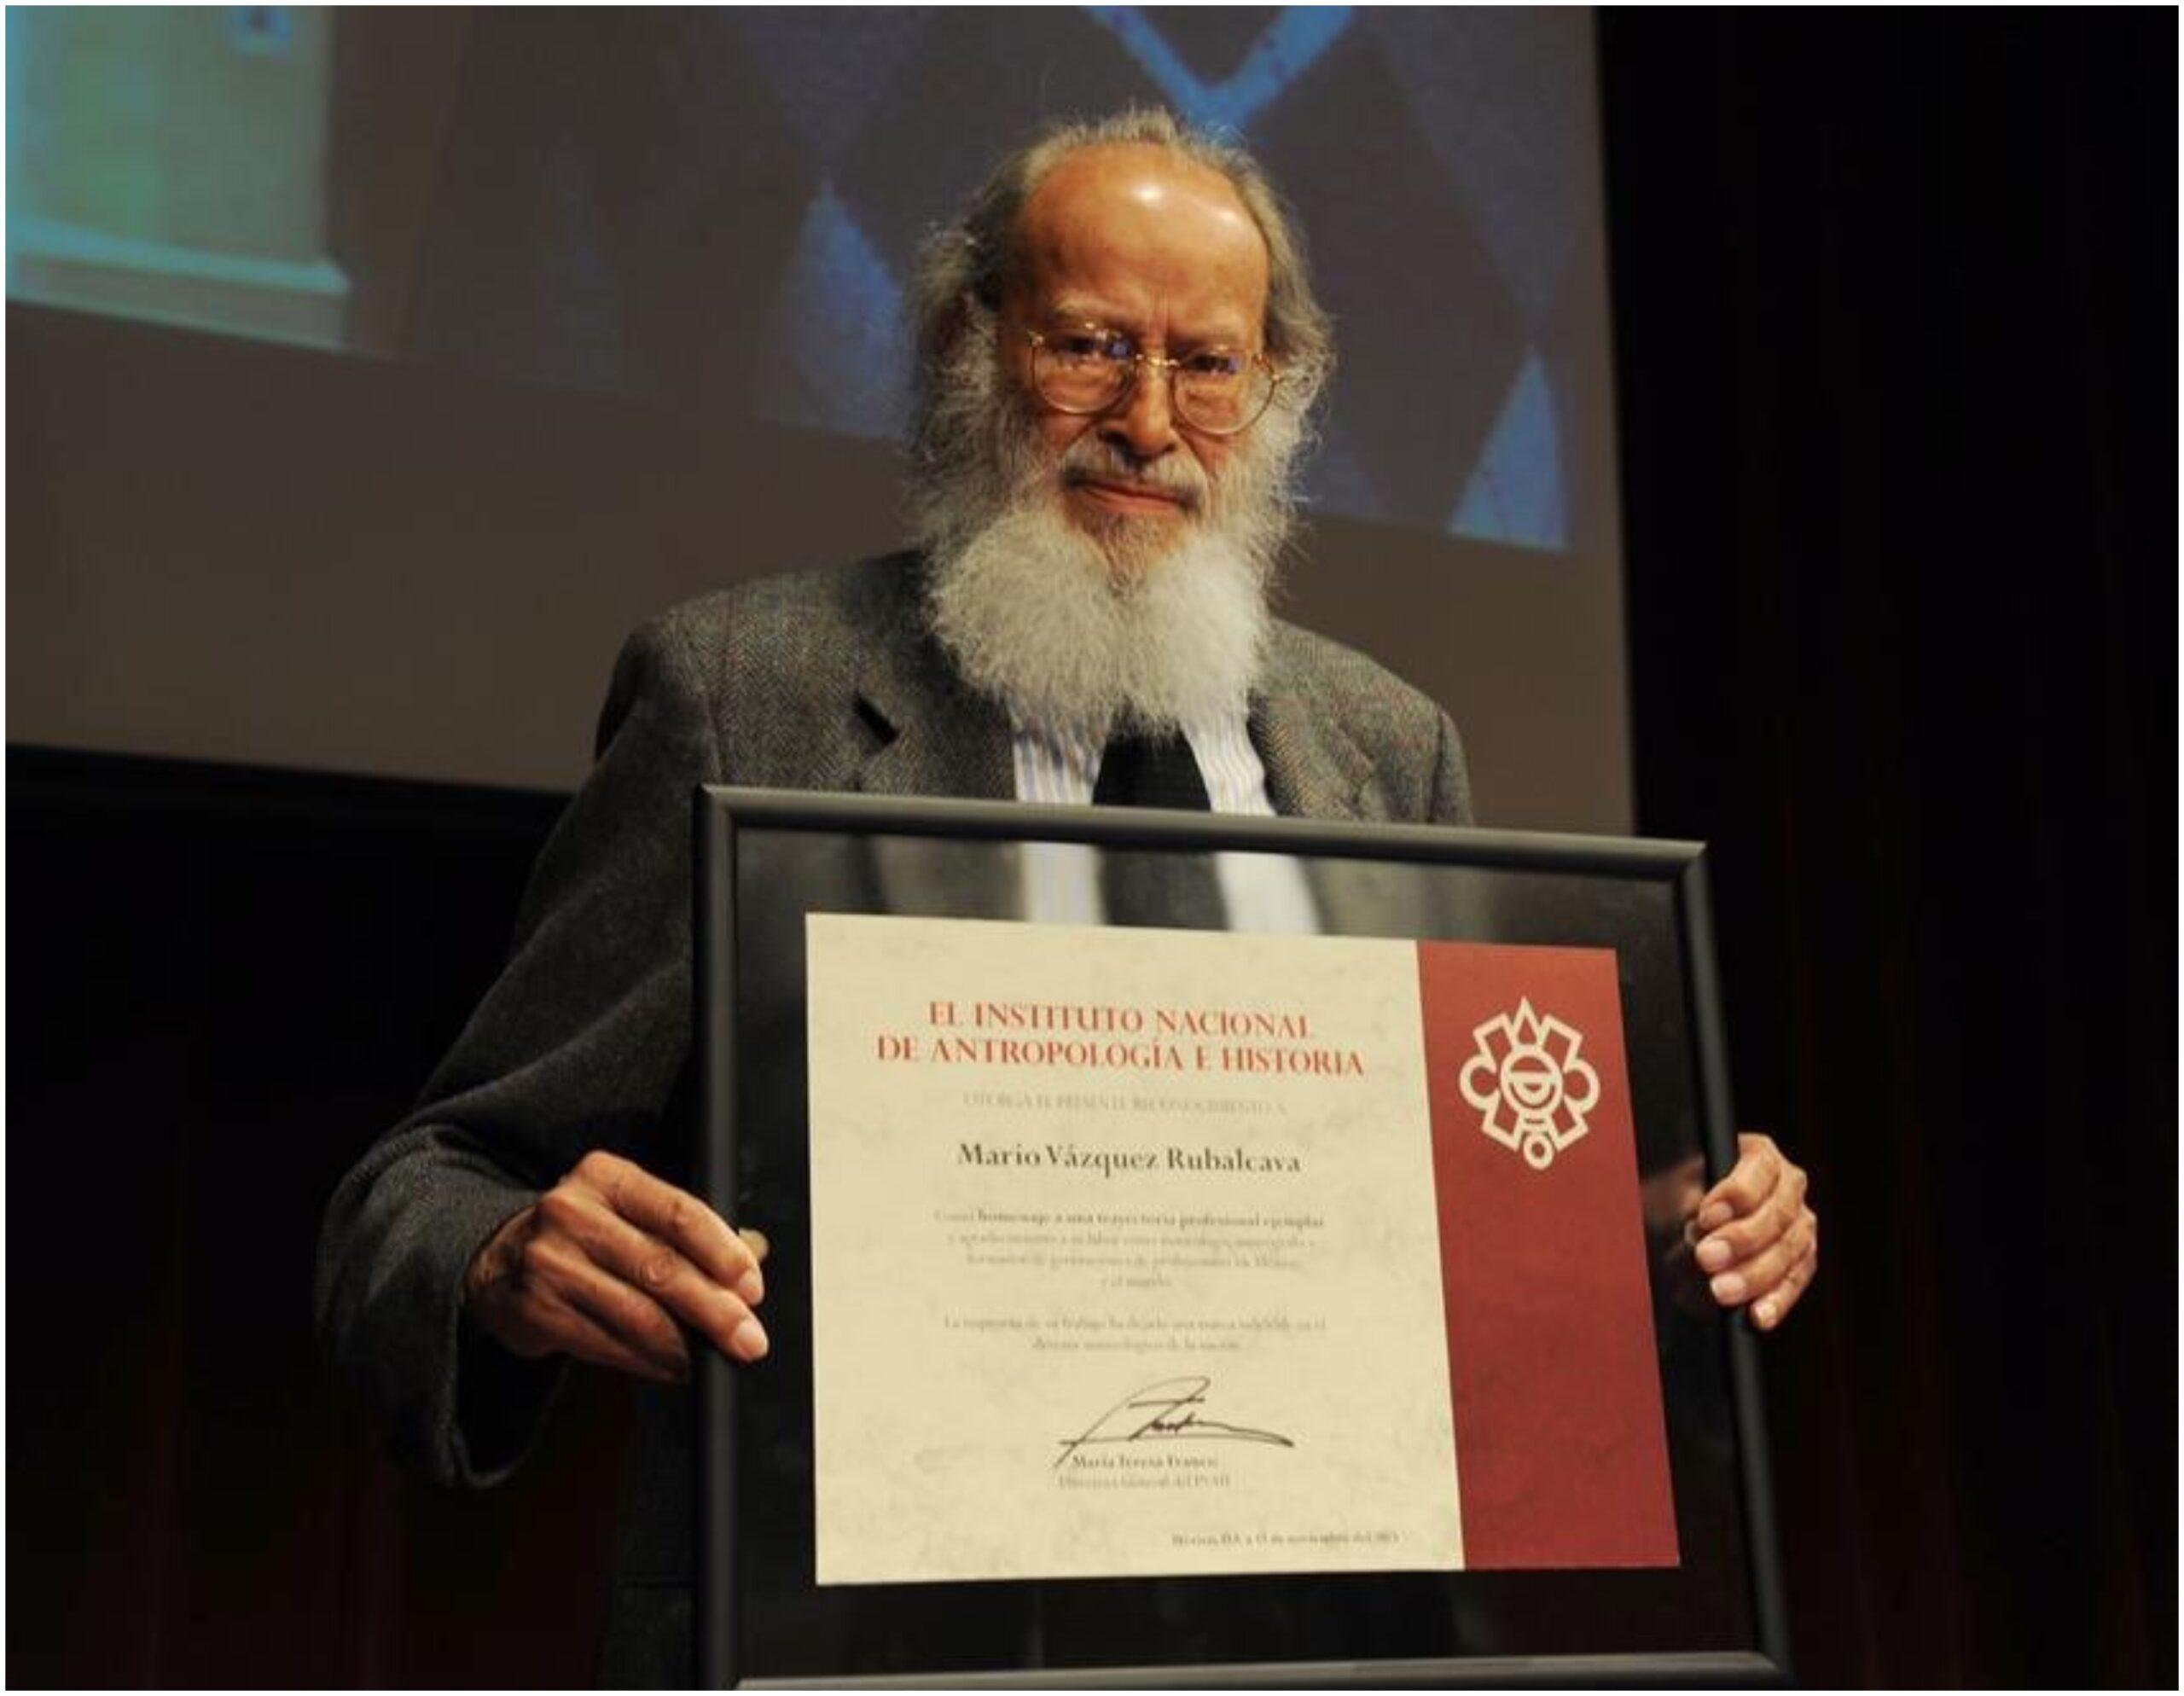 Fallece Mario Vázquez Ruvalcaba, fundador del Museo Nacional de Antropología